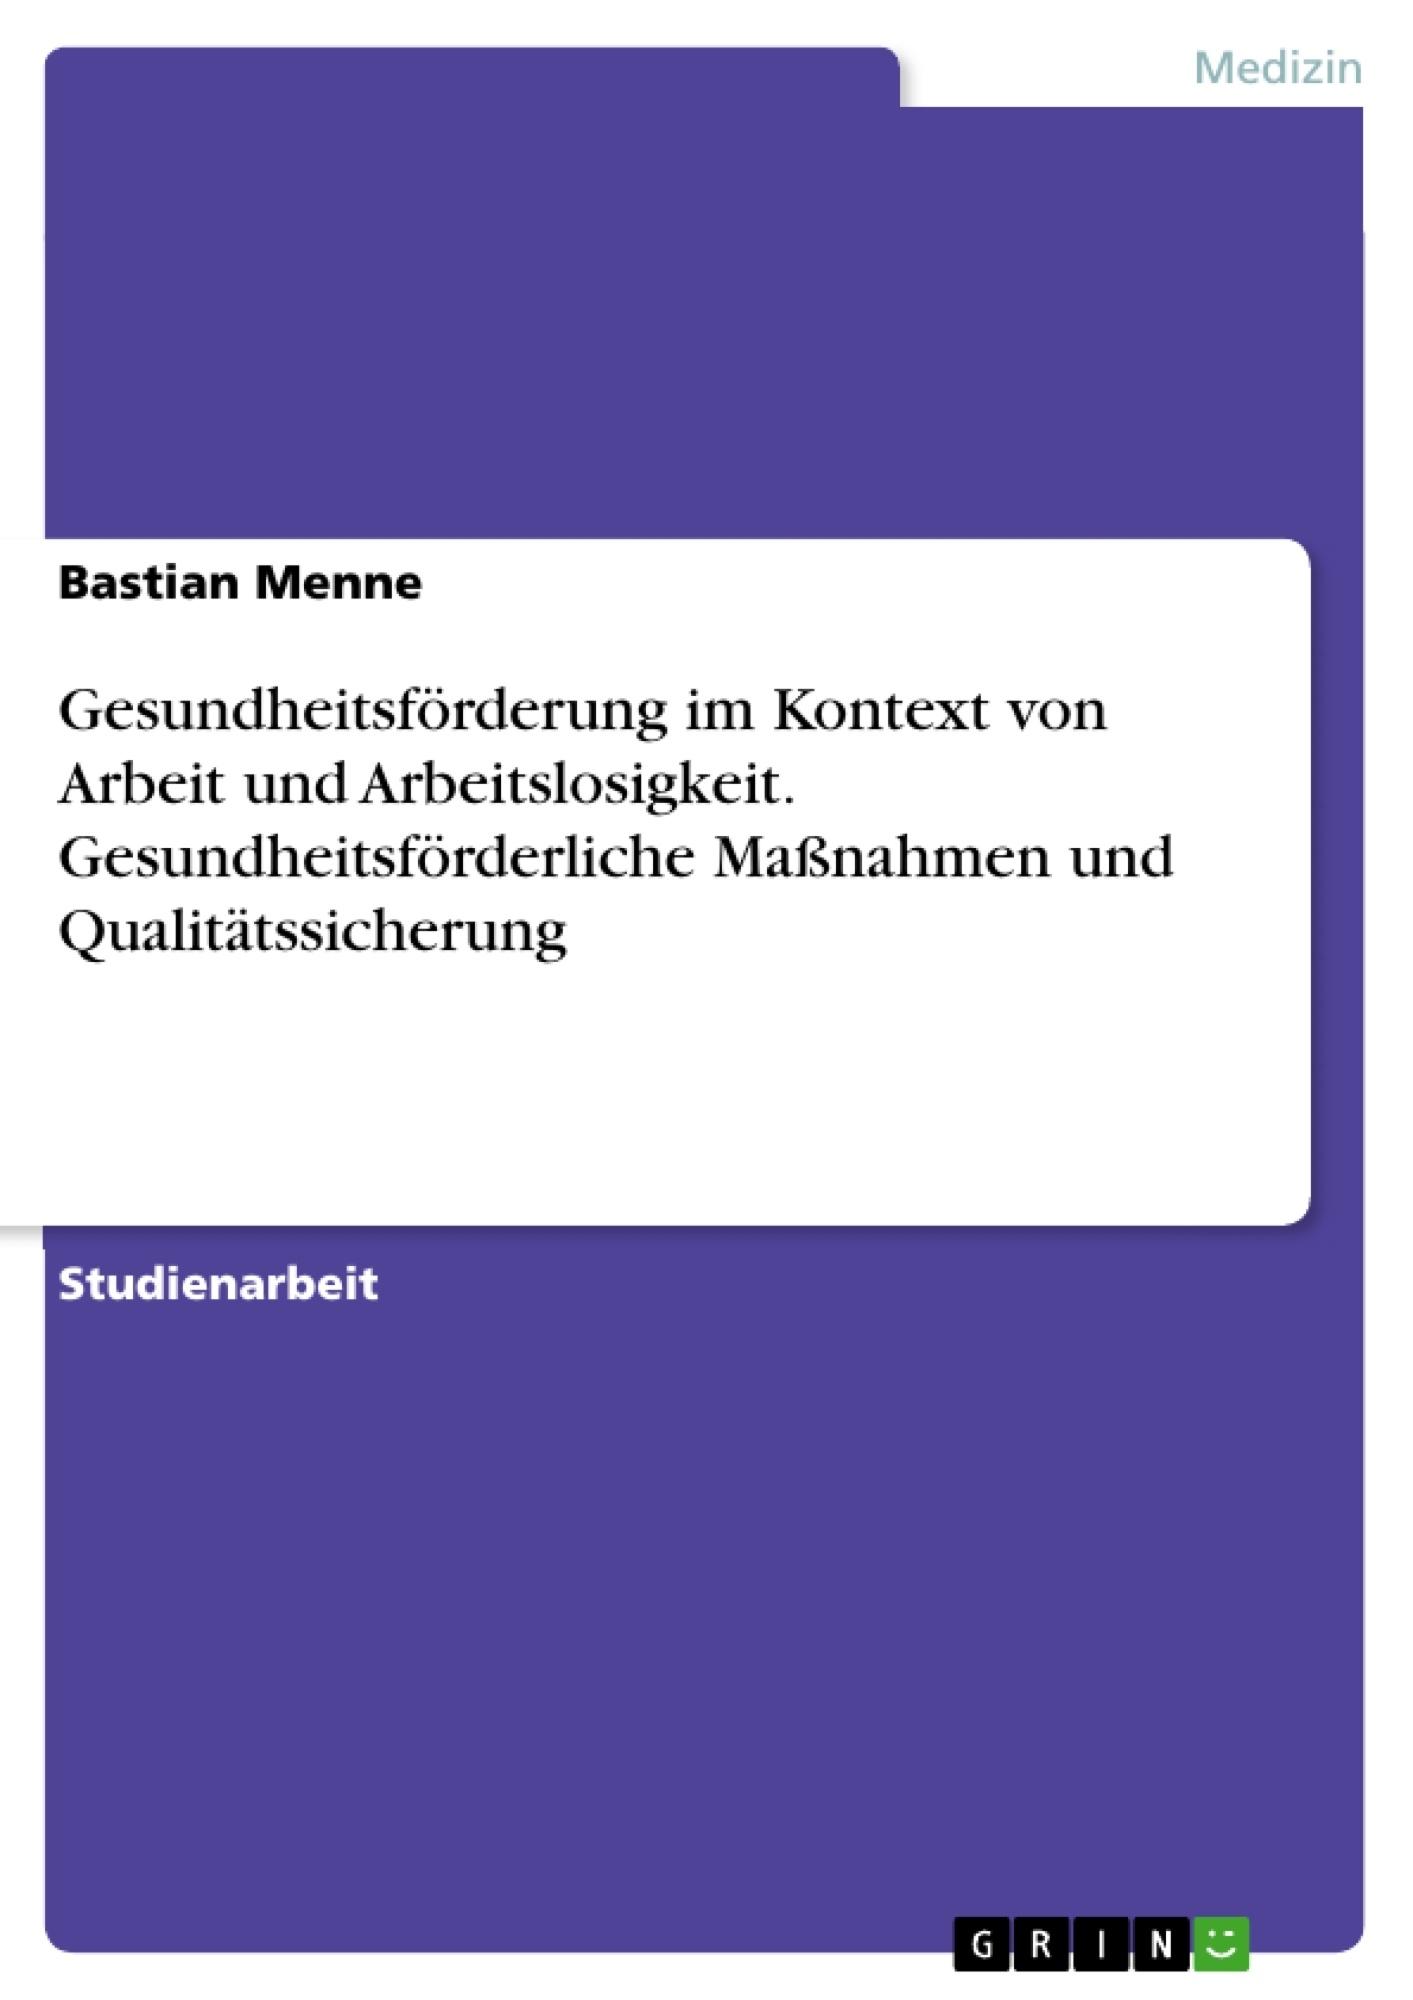 Titel: Gesundheitsförderung im Kontext von Arbeit und Arbeitslosigkeit. Gesundheitsförderliche Maßnahmen und Qualitätssicherung